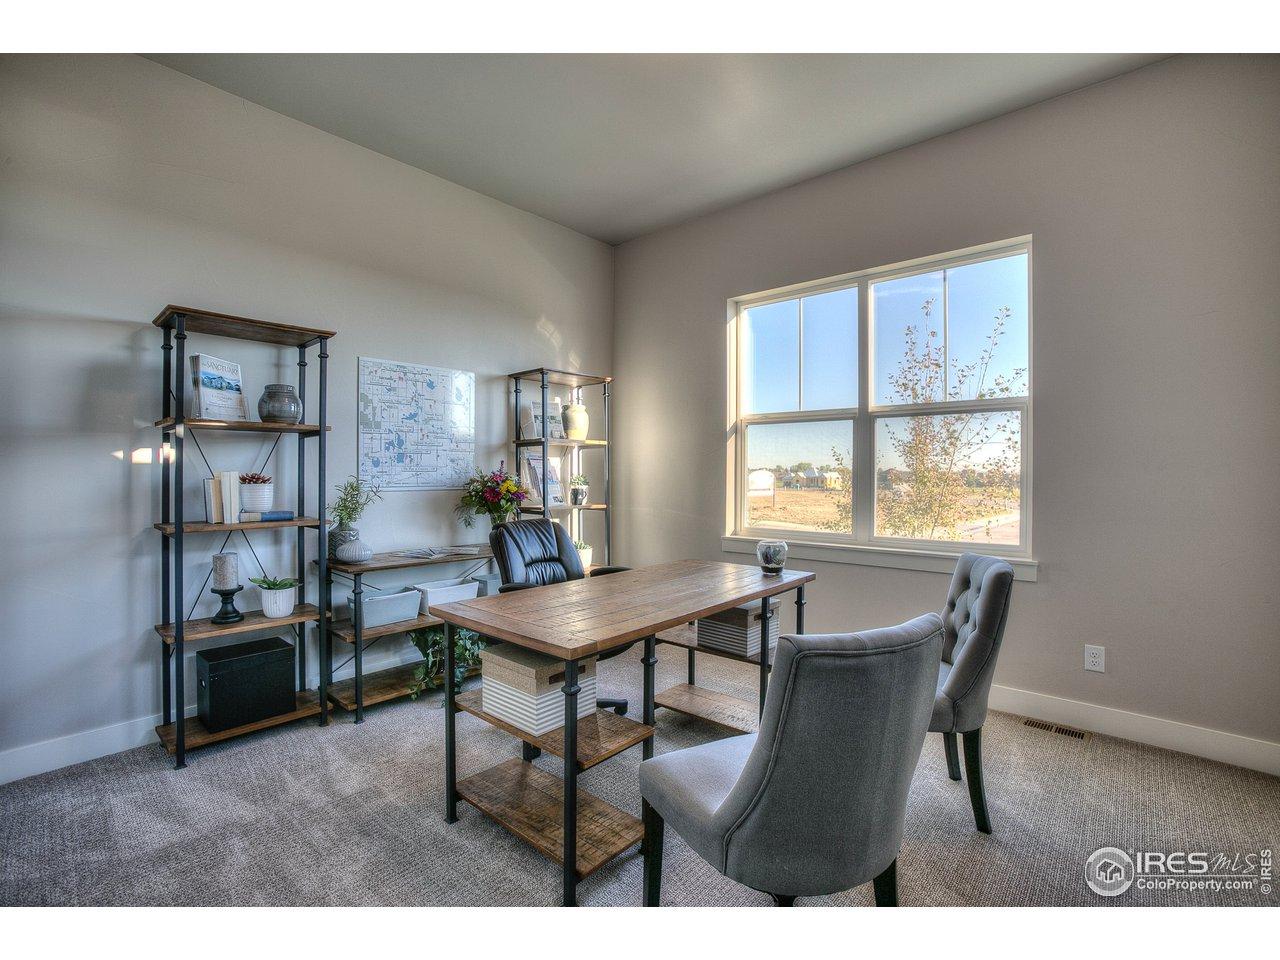 Elegant dining room/flex space